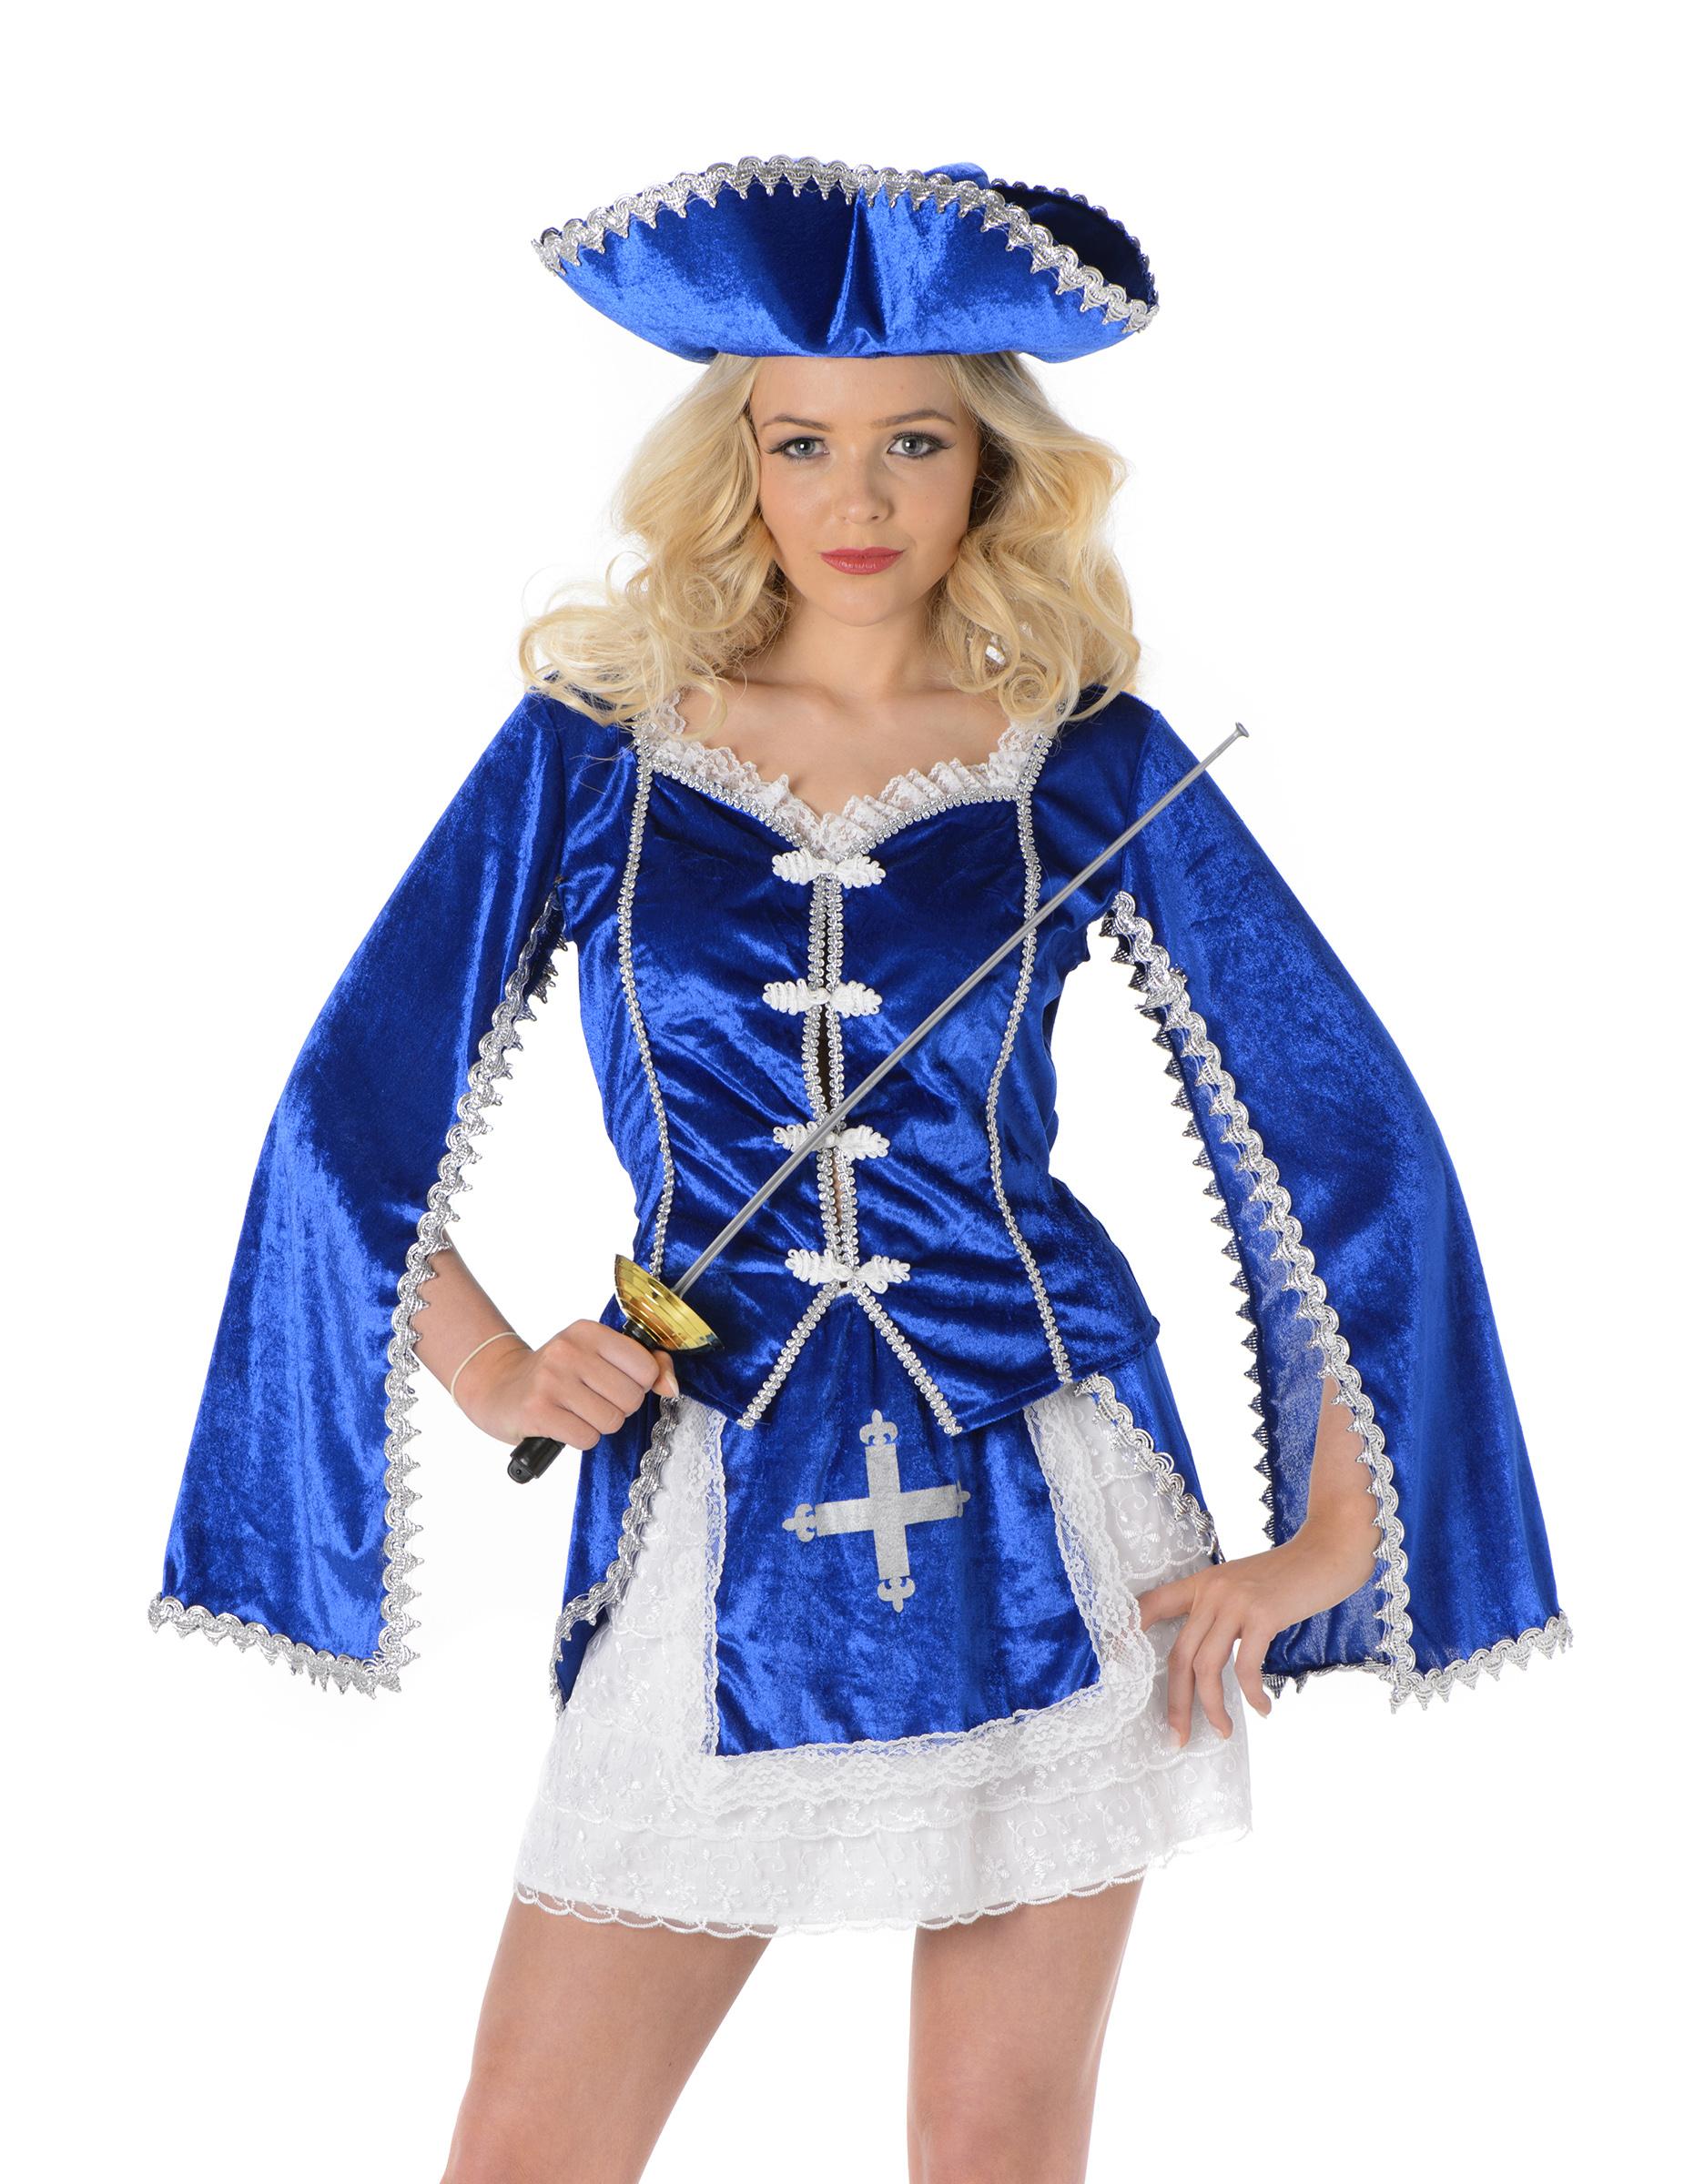 Kostüm Musketier Damen : blaues musketier kost m f r damen ~ Frokenaadalensverden.com Haus und Dekorationen